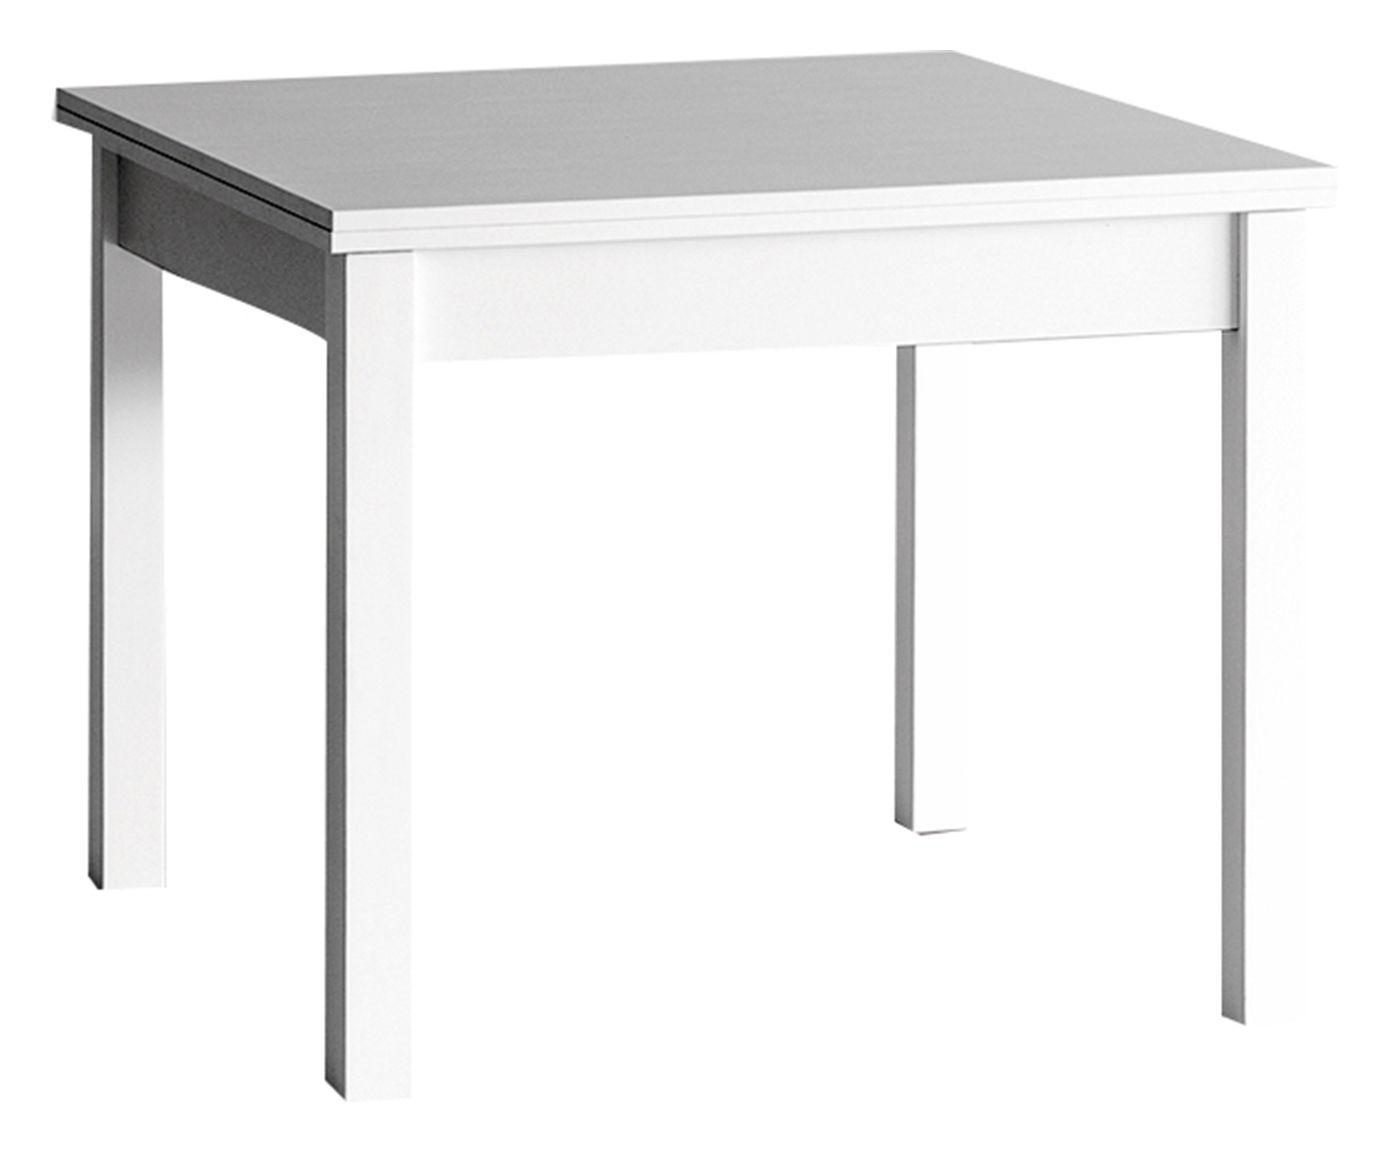 Tavolo Bianco 90x90.Tavolo Allungabile In Frassino Memo Bianco 90x90 240x75 Cm